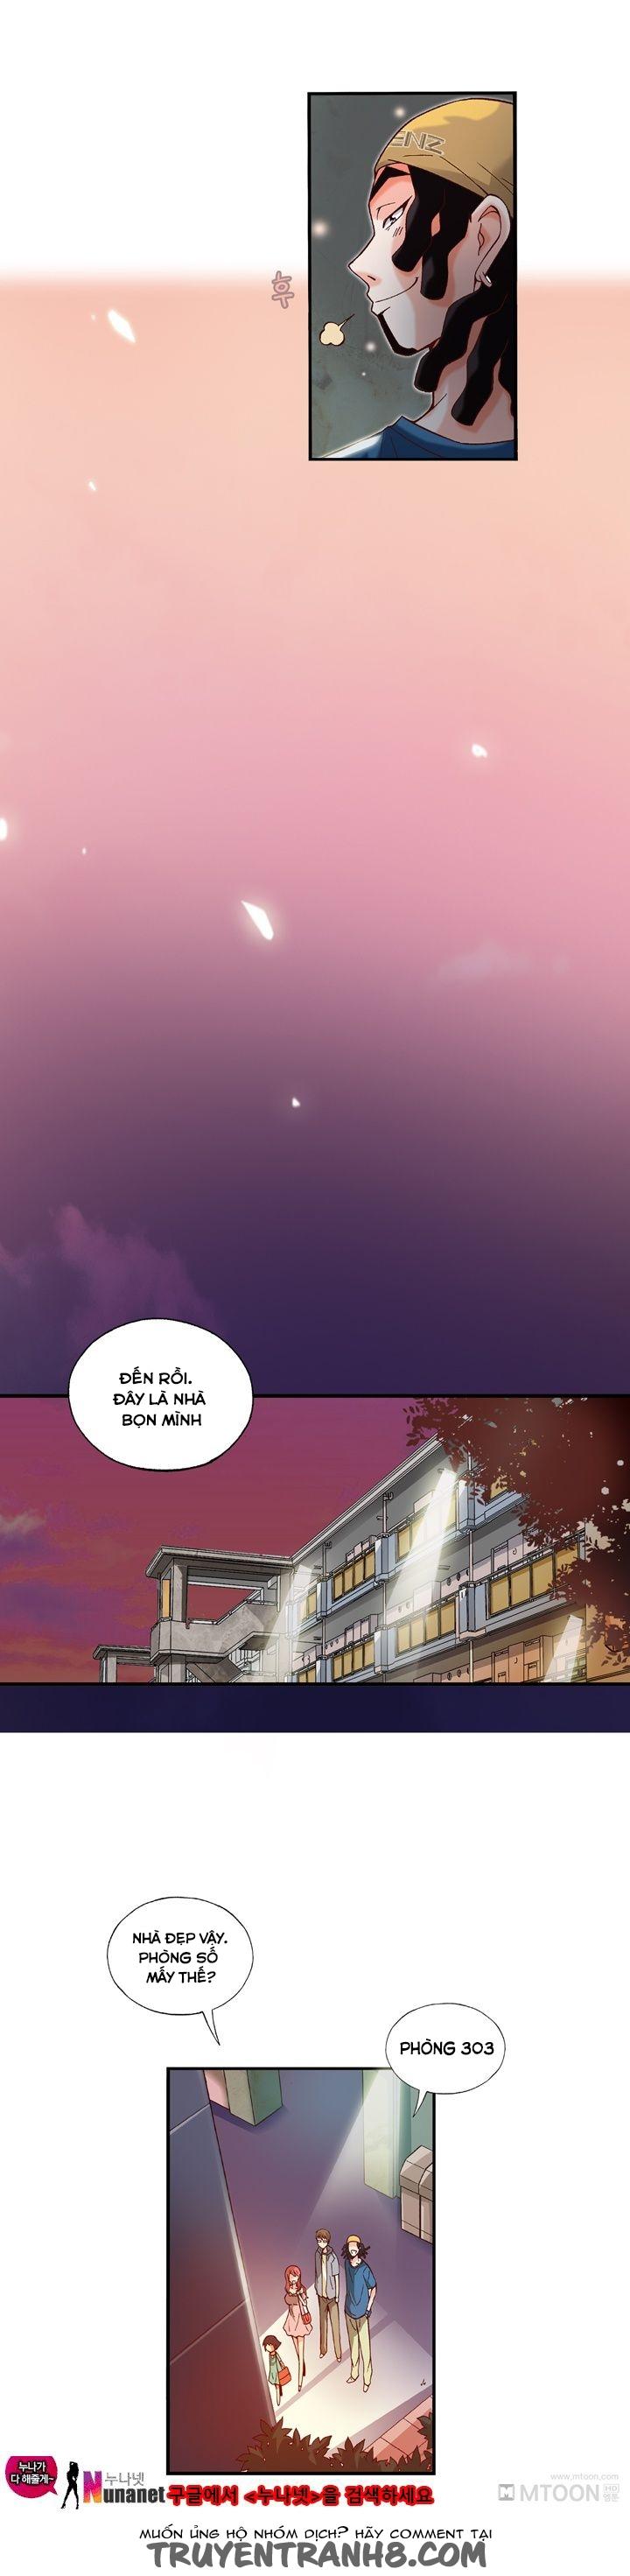 Hình ảnh 14 trong bài viết [Siêu phẩm] Hentai Màu Xin lỗi tớ thật dâm đãng